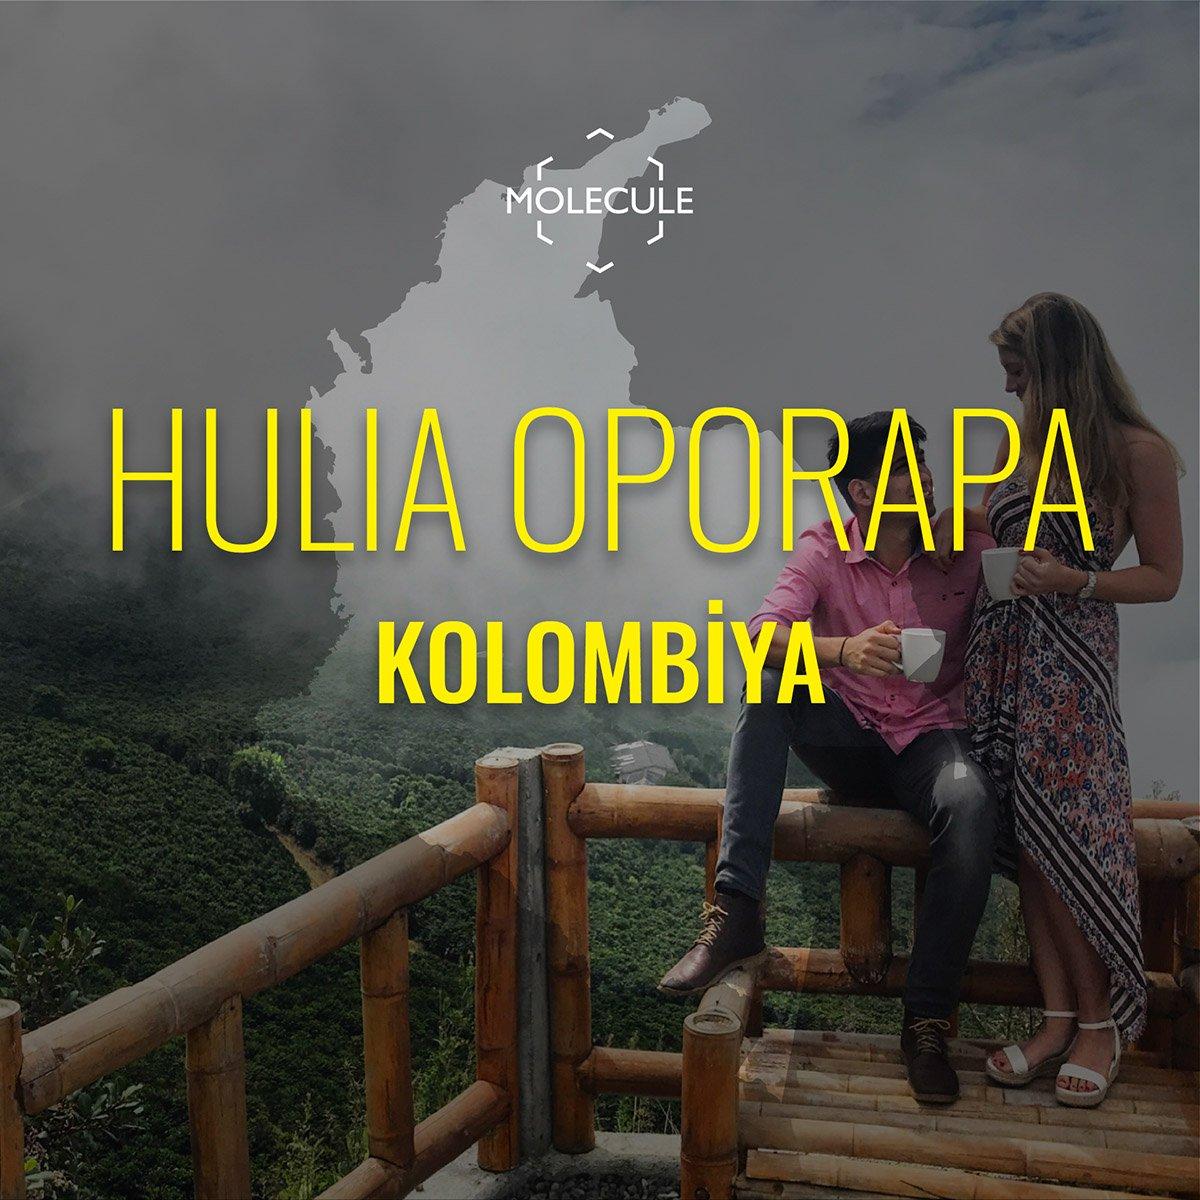 Hulia Oporapa